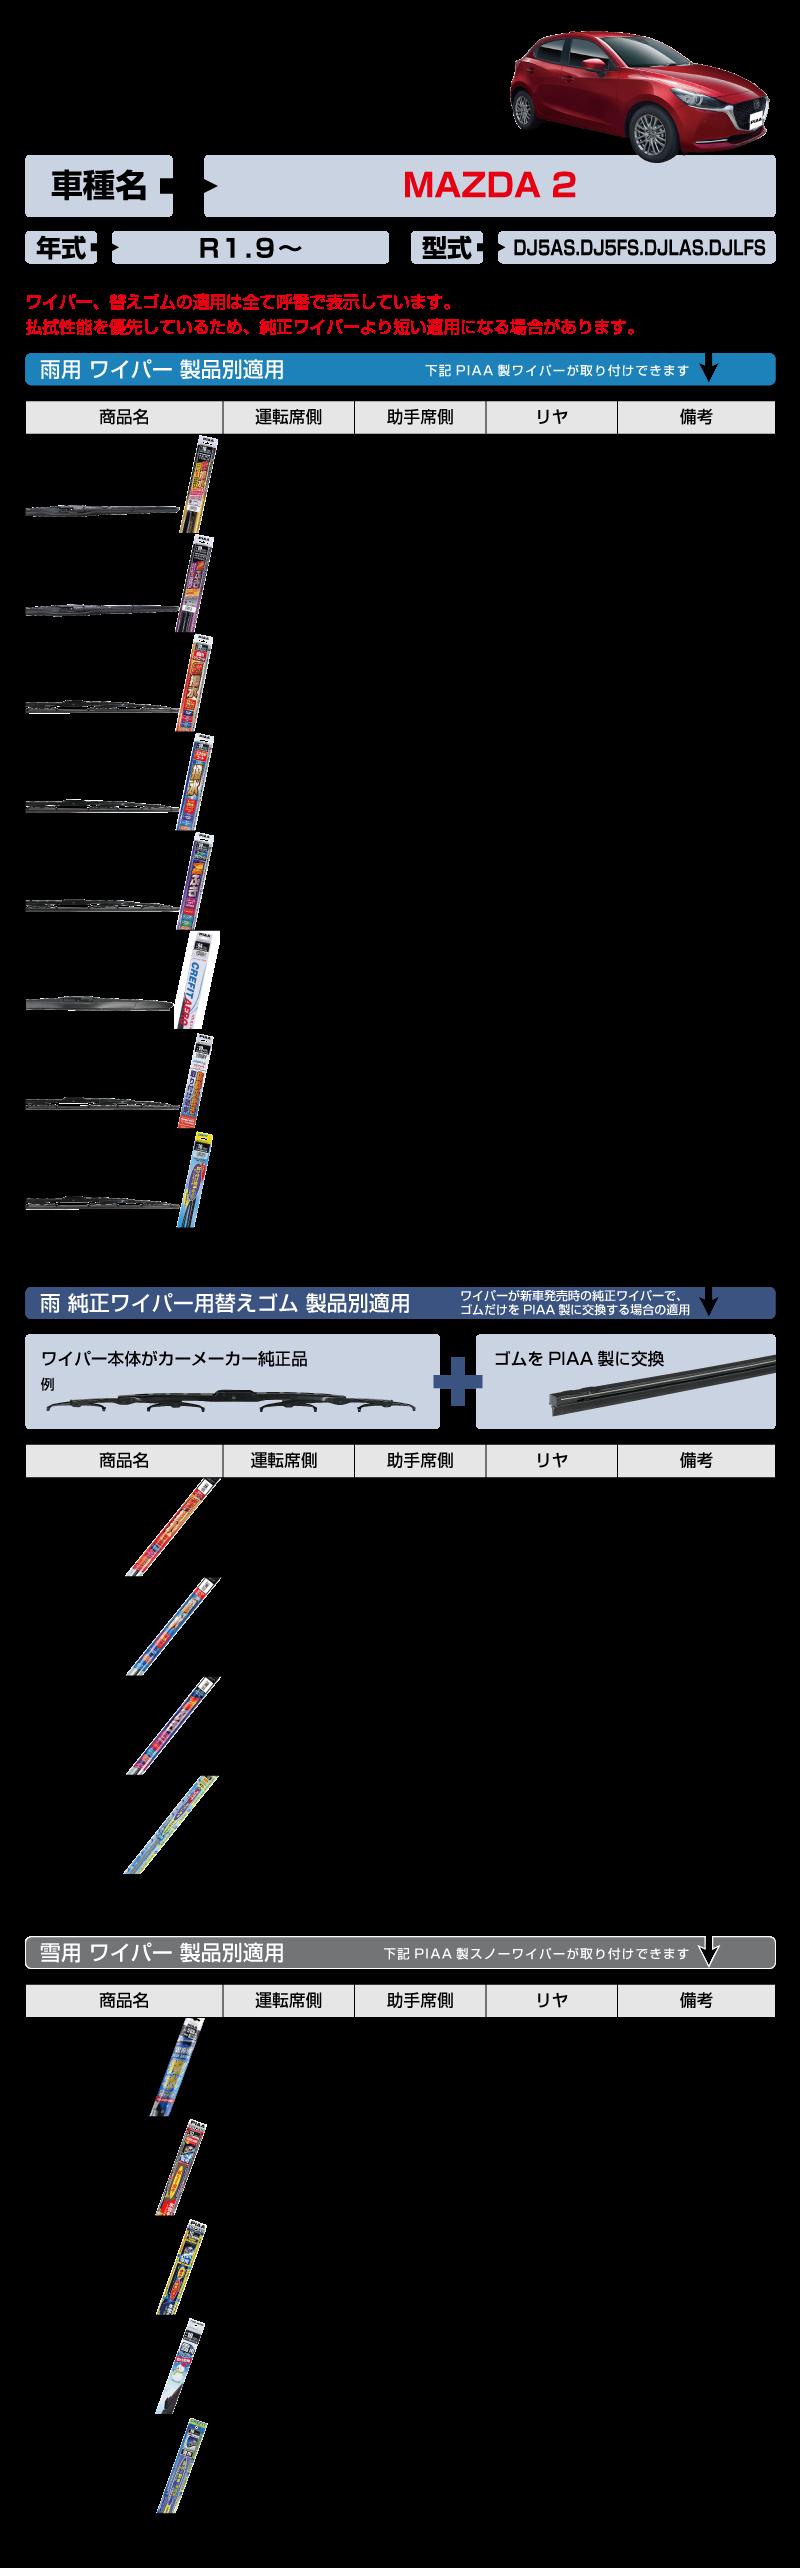 TEKIYOU_MAZDA_2_R1.9